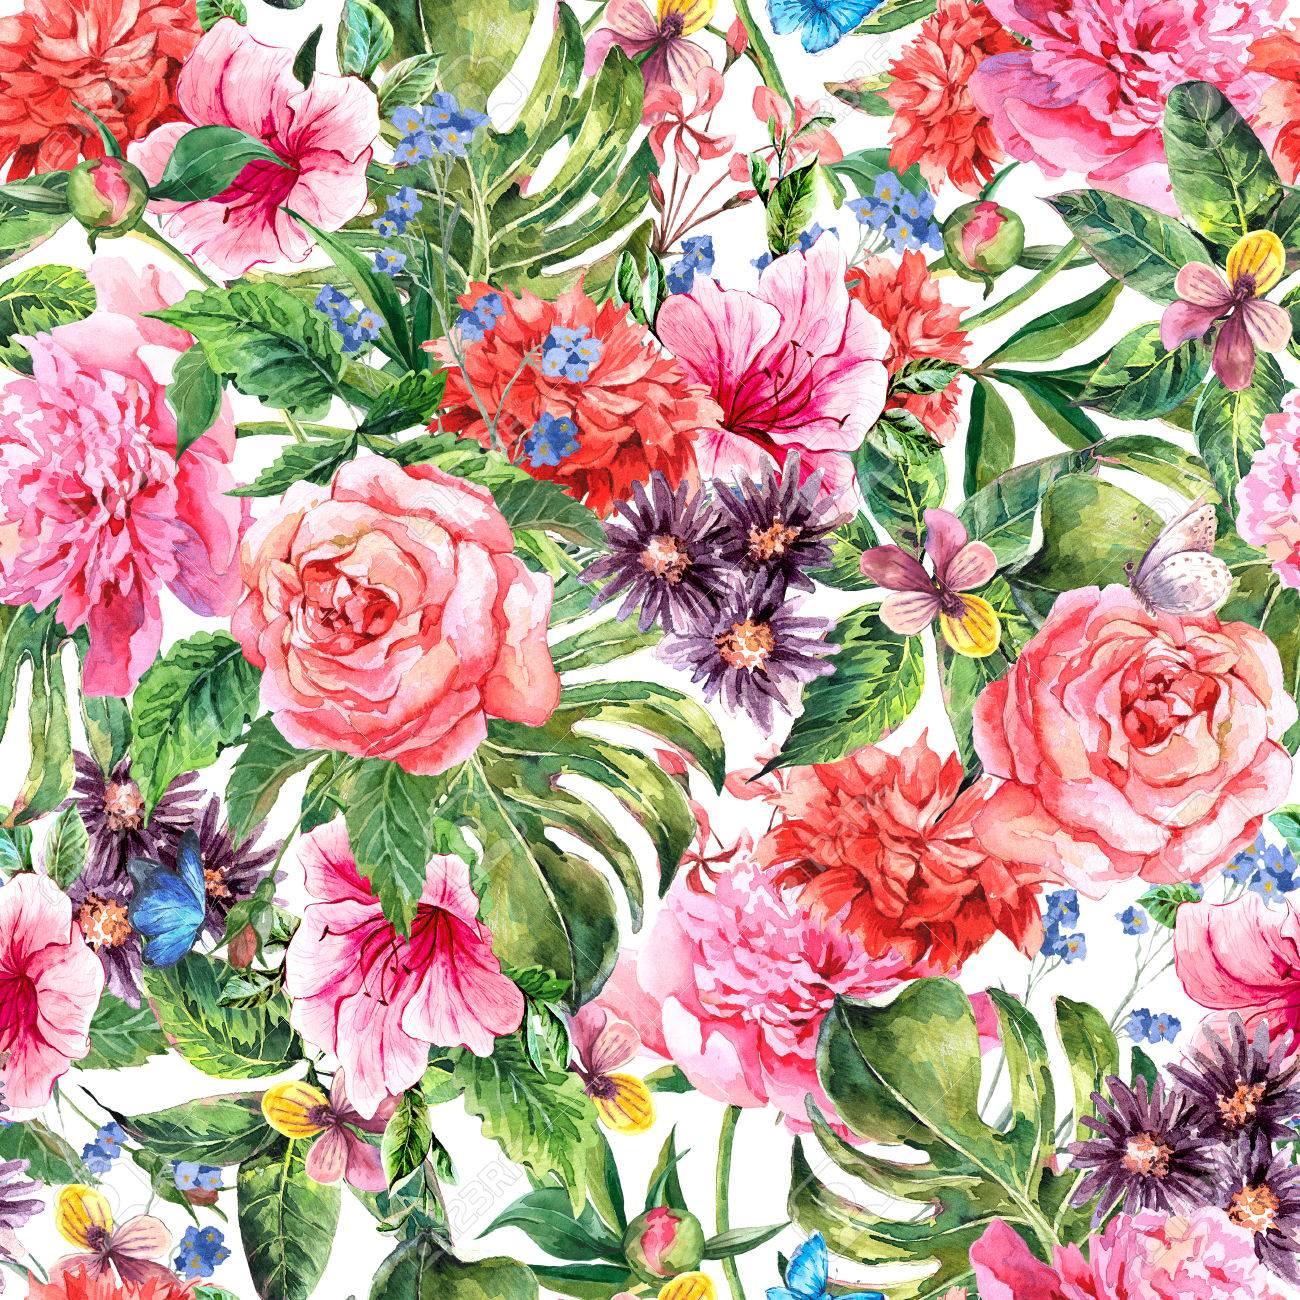 pfingstrose zeichnen blumen zeichnung, sommer hand zeichnen aquarell floral nahtlose muster mit blühenden, Design ideen